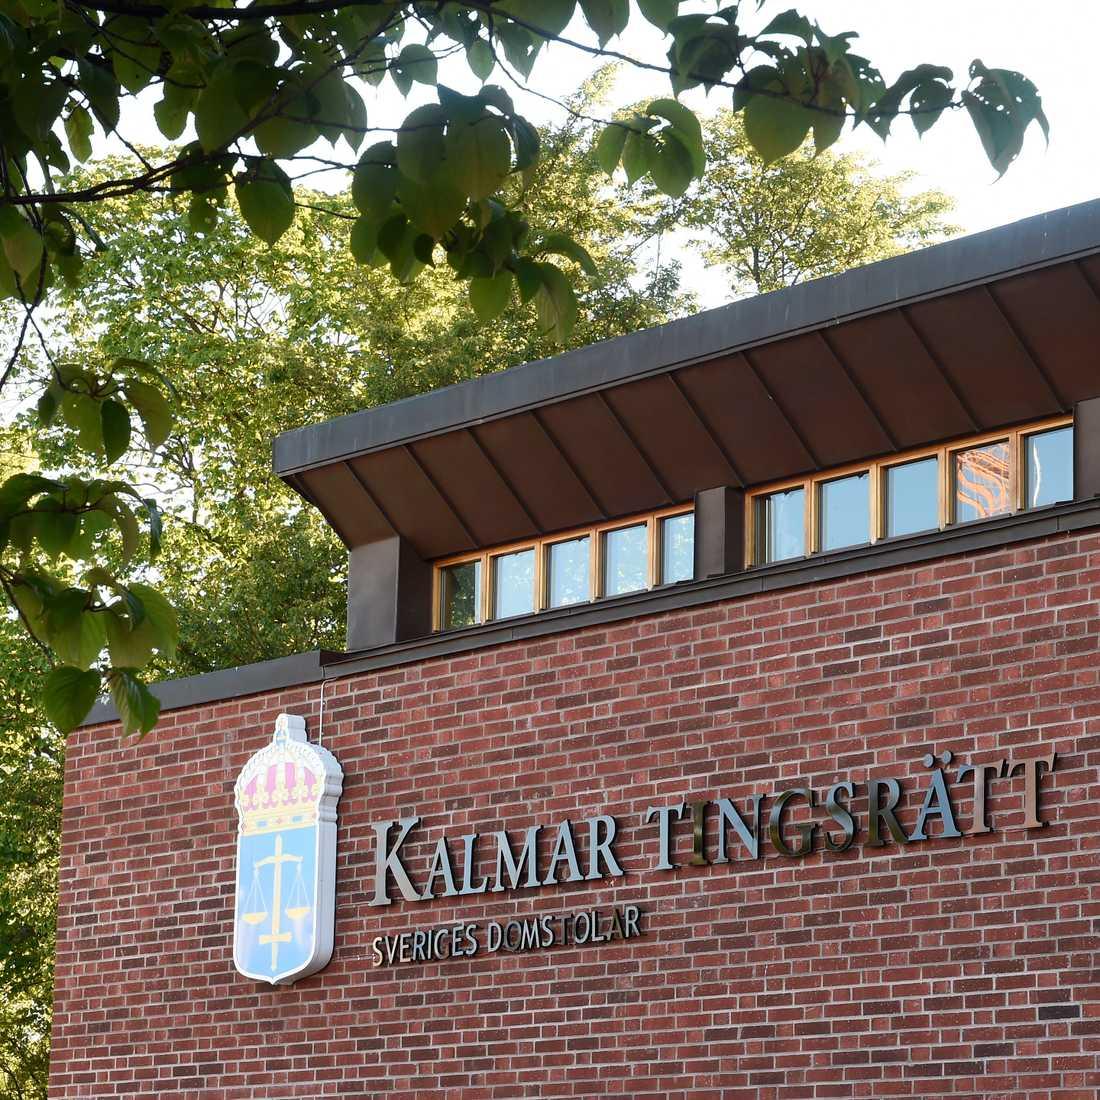 Kalmar tingsrätt dömer en man i 25-årsåldern till två och ett halvt års fängelse för våldtäkt mot en pojke. Arkivbild.